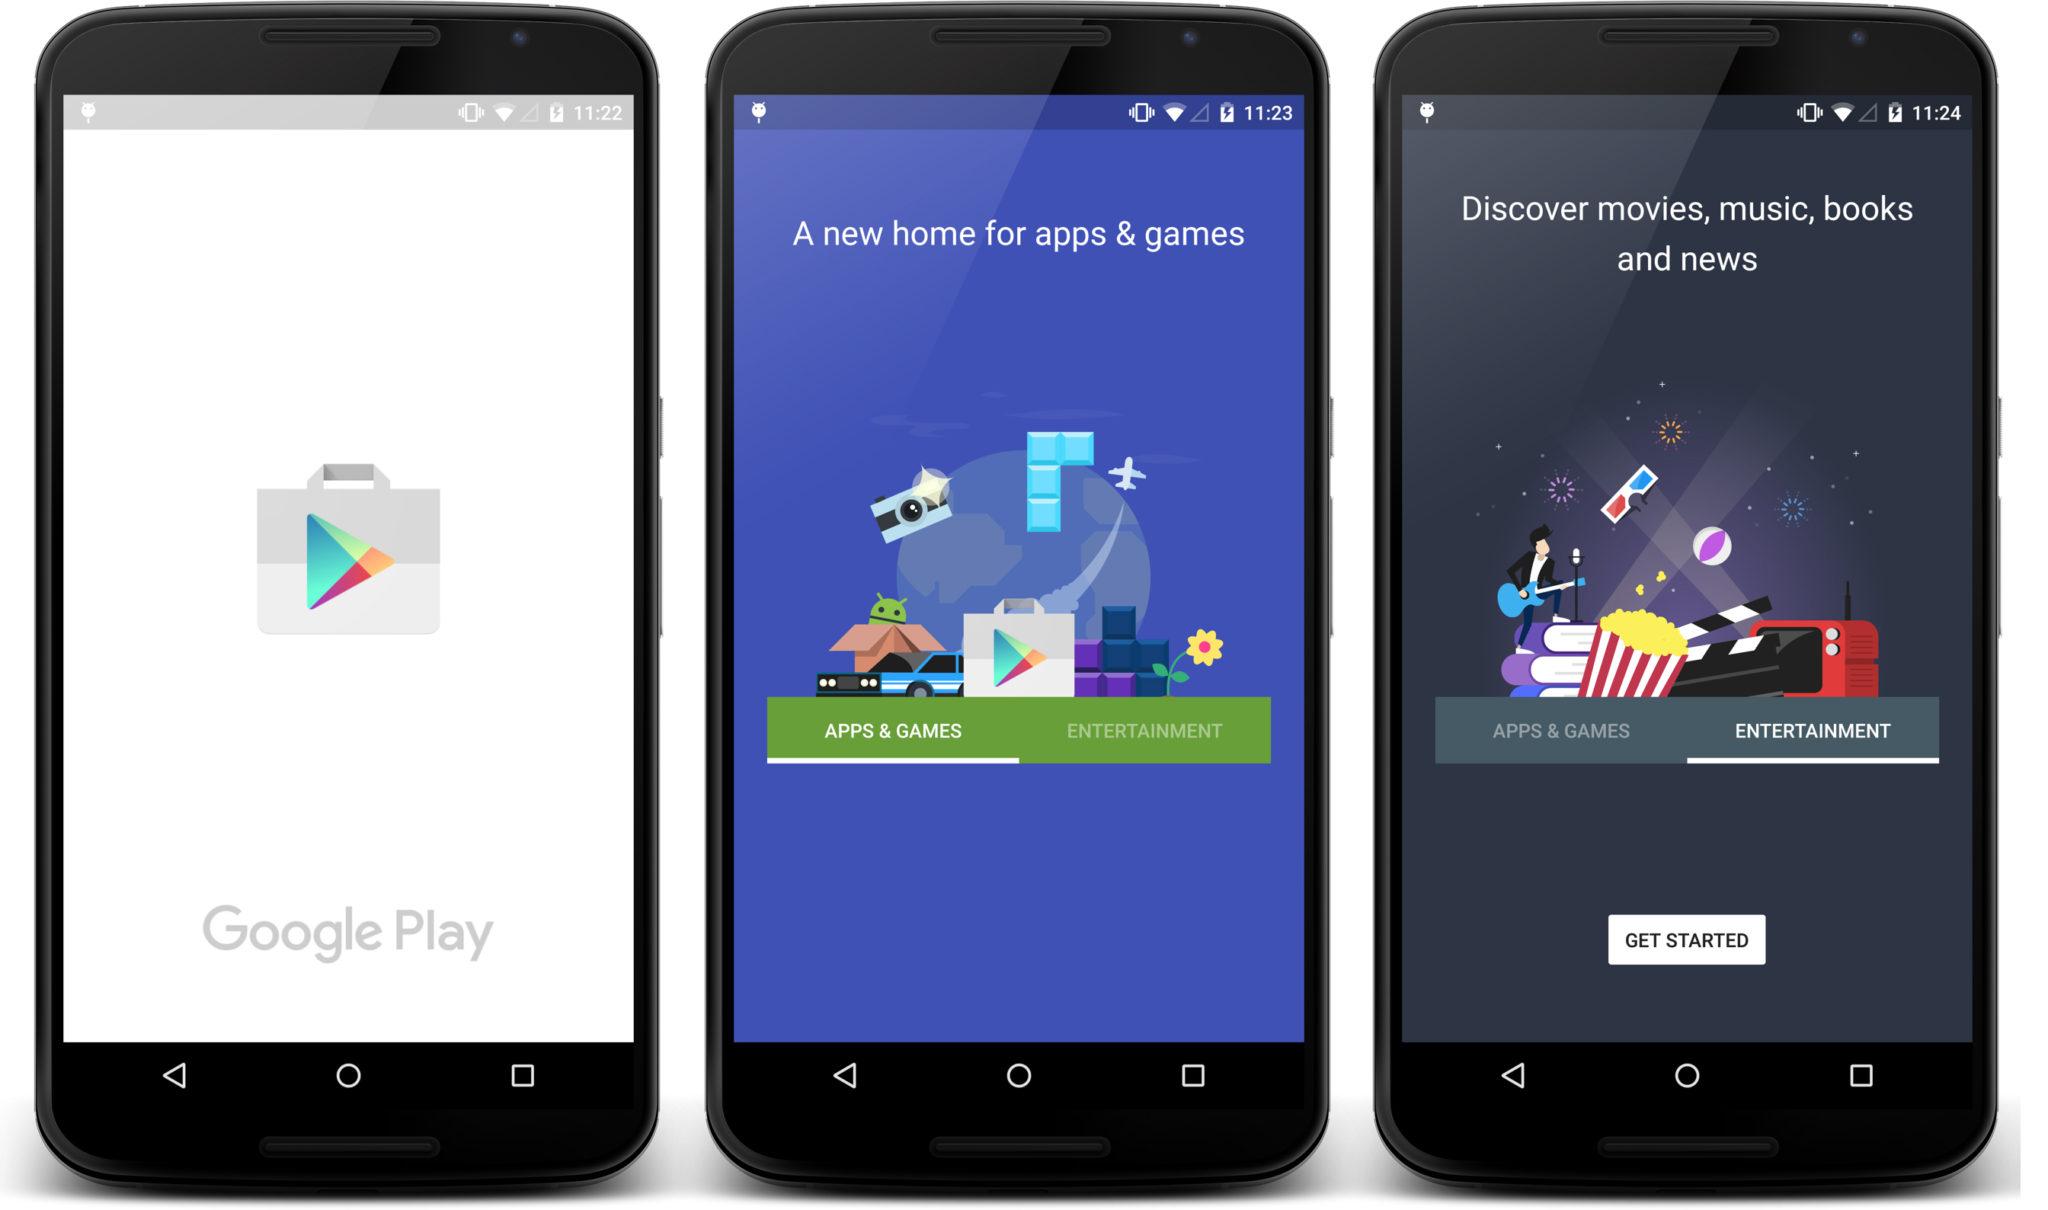 Aplikace Obchod Play získá novou podobu [aktualizováno]